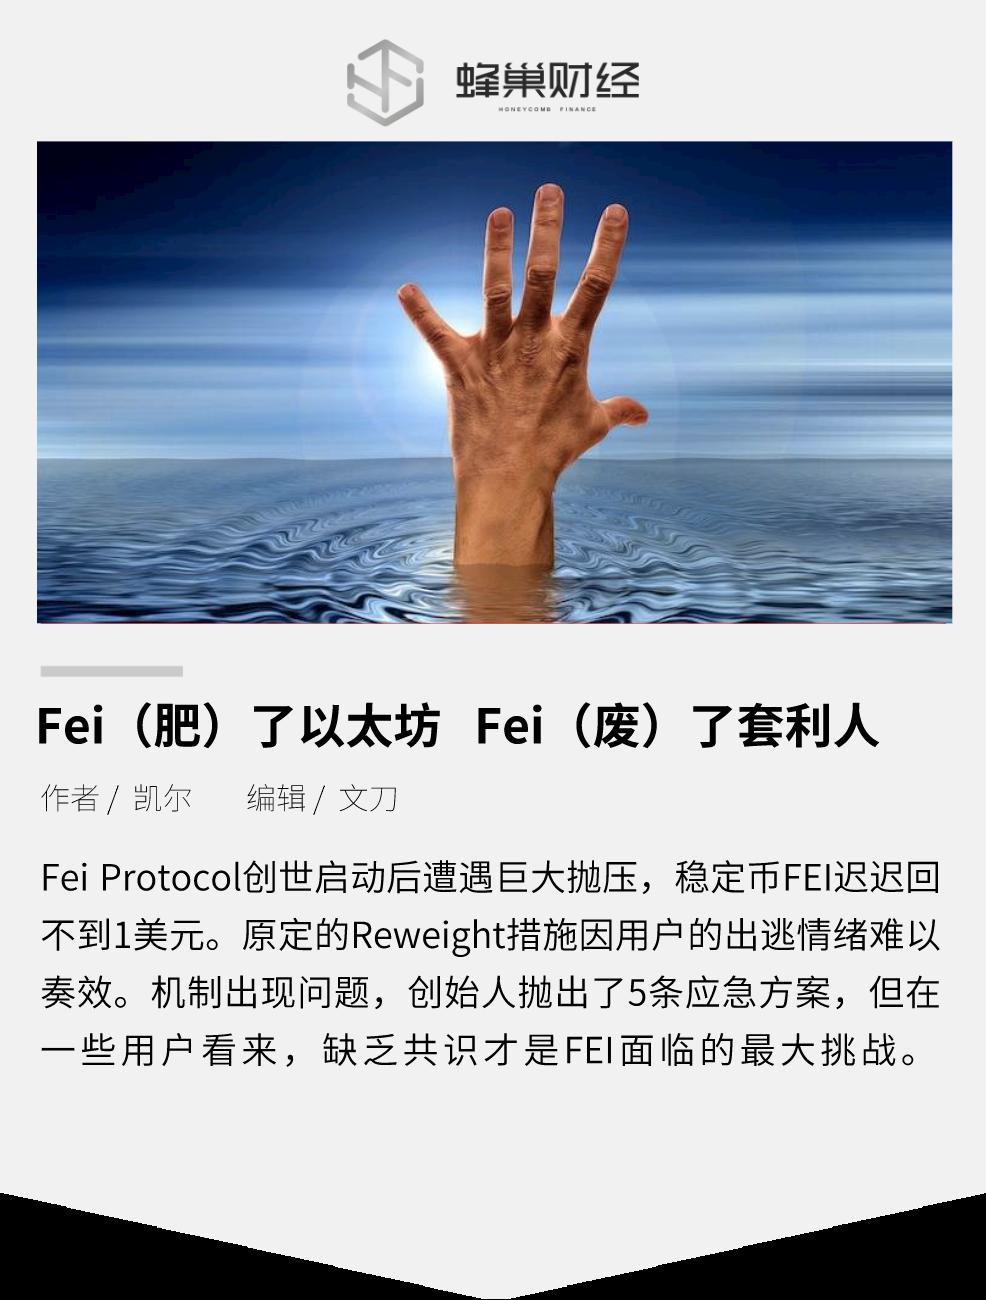 Fei(肥)了以太坊,Fei(废)了套利人